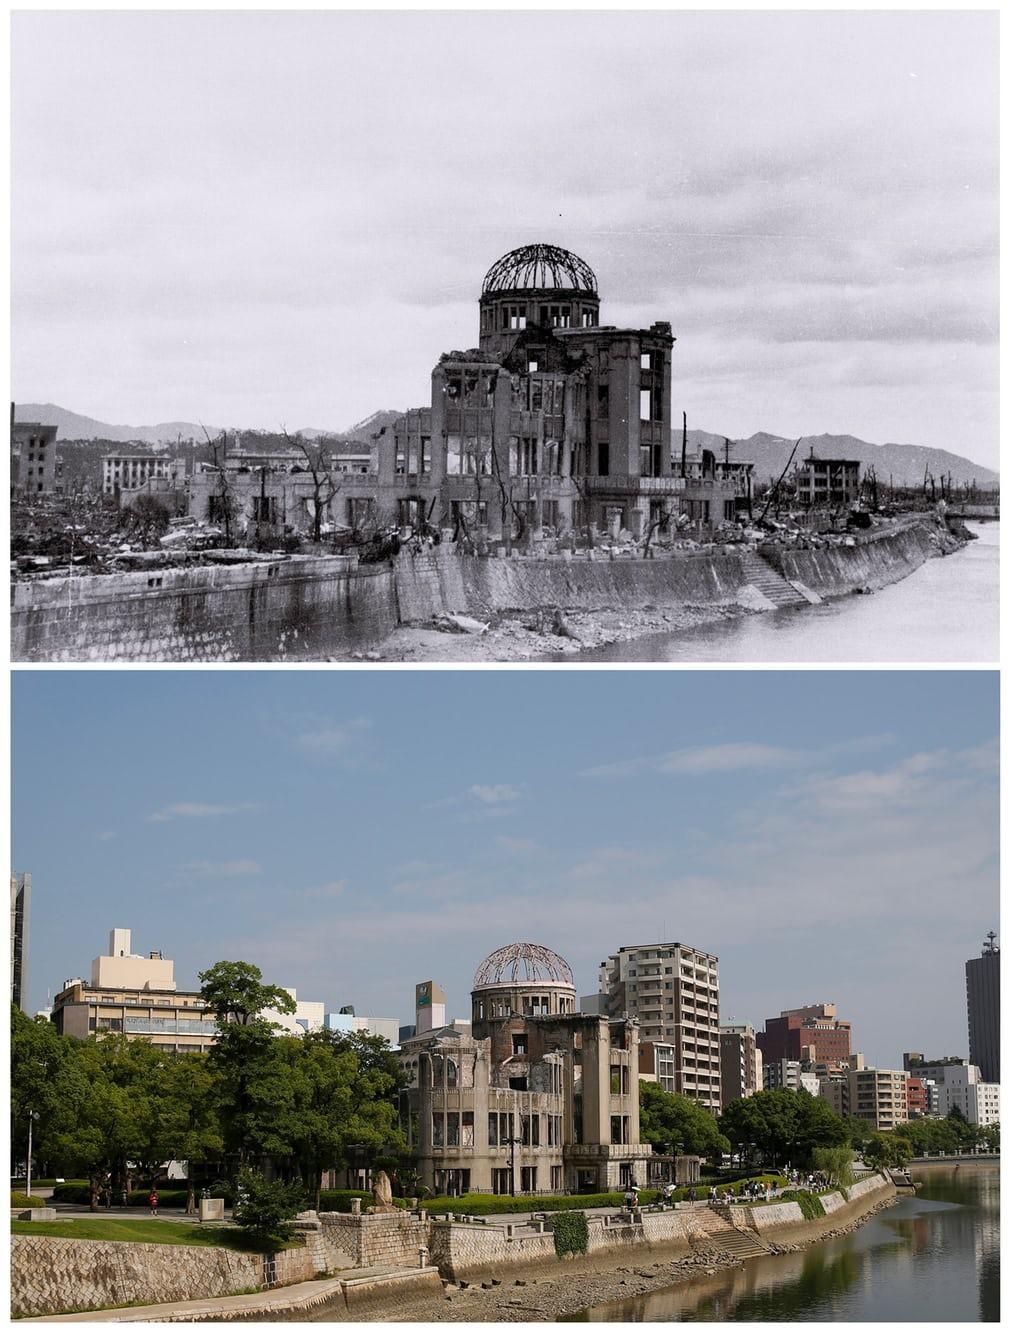 74 năm sau thảm họa bom nguyên tử: Thành phố Hiroshima và Nagasaki hồi sinh mạnh mẽ, người sống sót nhưng mãi chỉ nằm lại ở quá khứ - Ảnh 5.